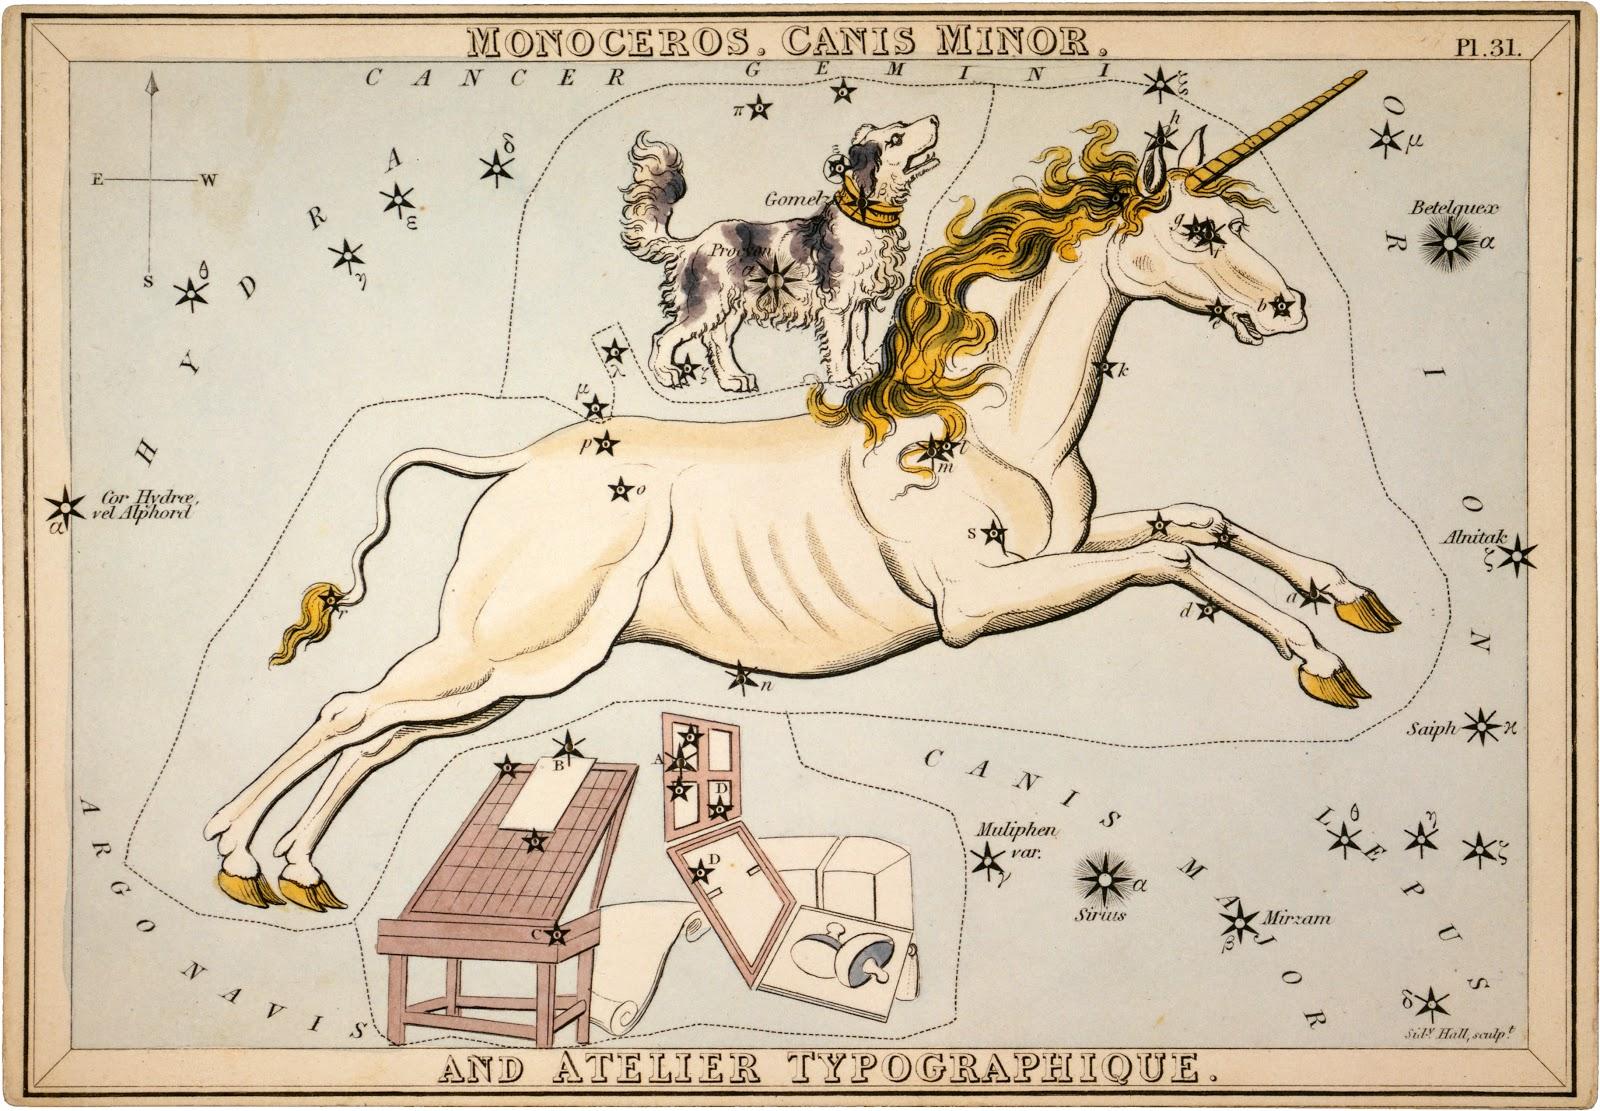 Chòm sao Monoceros và Canis Minor. Tác giả : Họa sĩ người Anh Sidney Hall. Nguồn : Thư viện Quốc hội Hoa Kỳ.